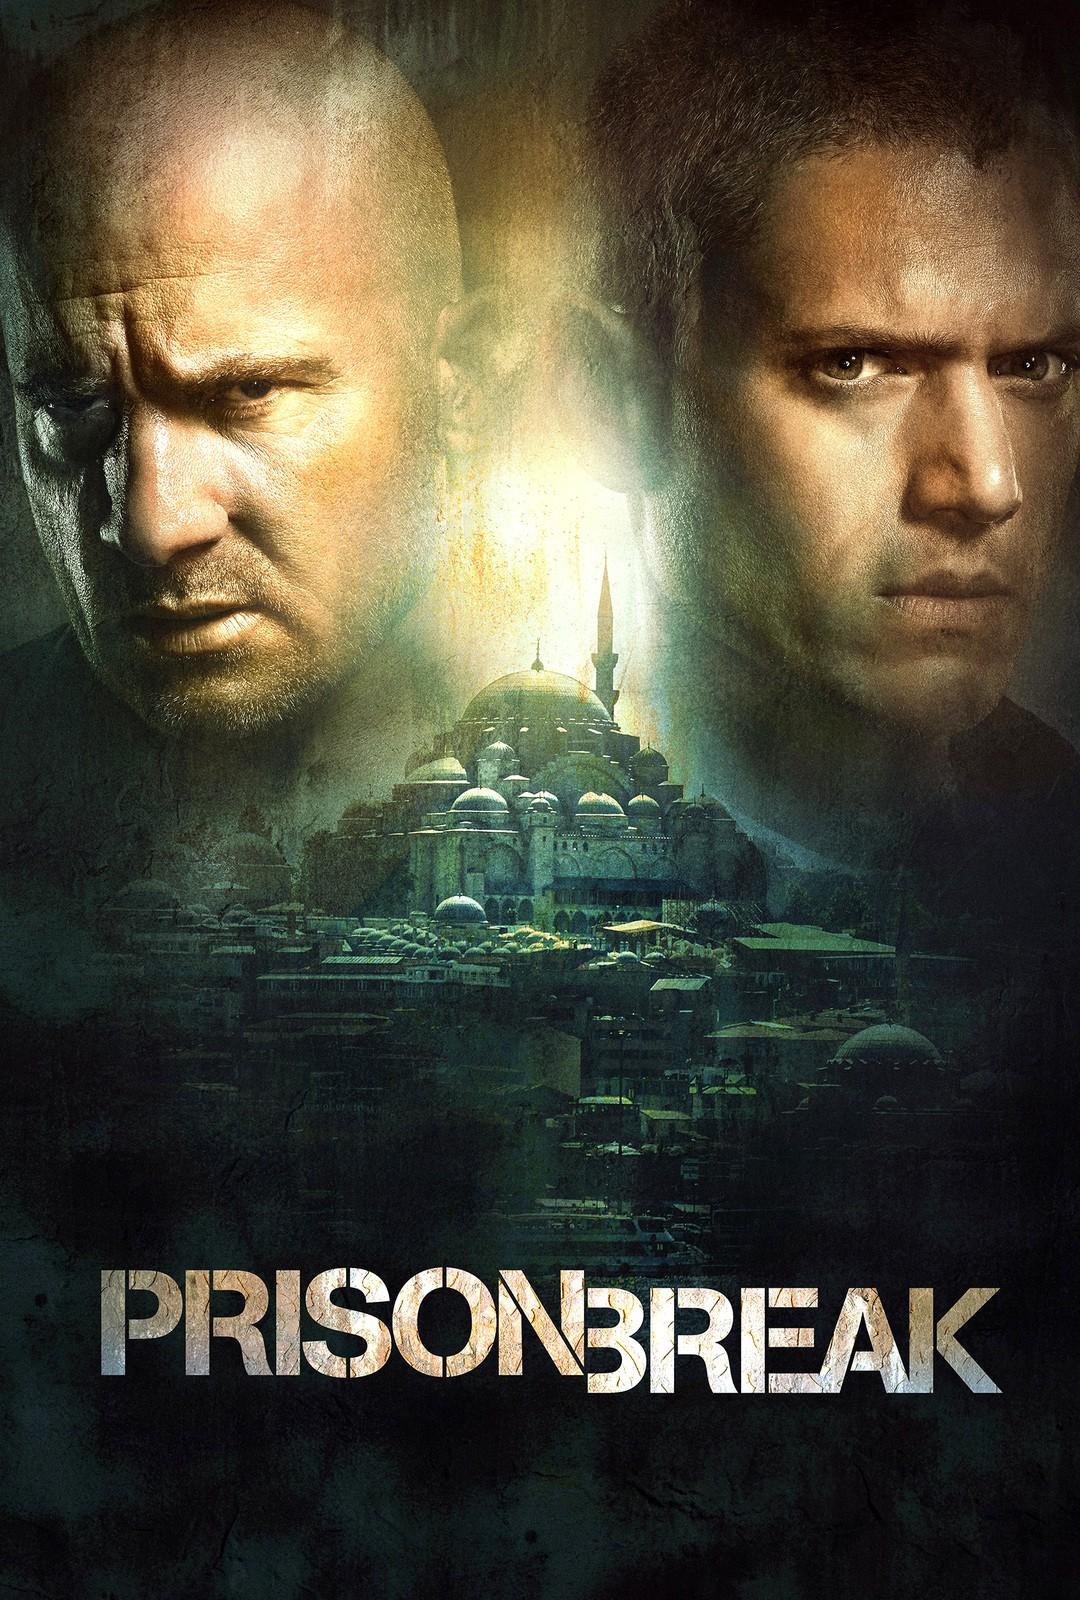 Prison Break Staffel 5: Erster Auftritt für Numan Acar - Bild 1 von 4